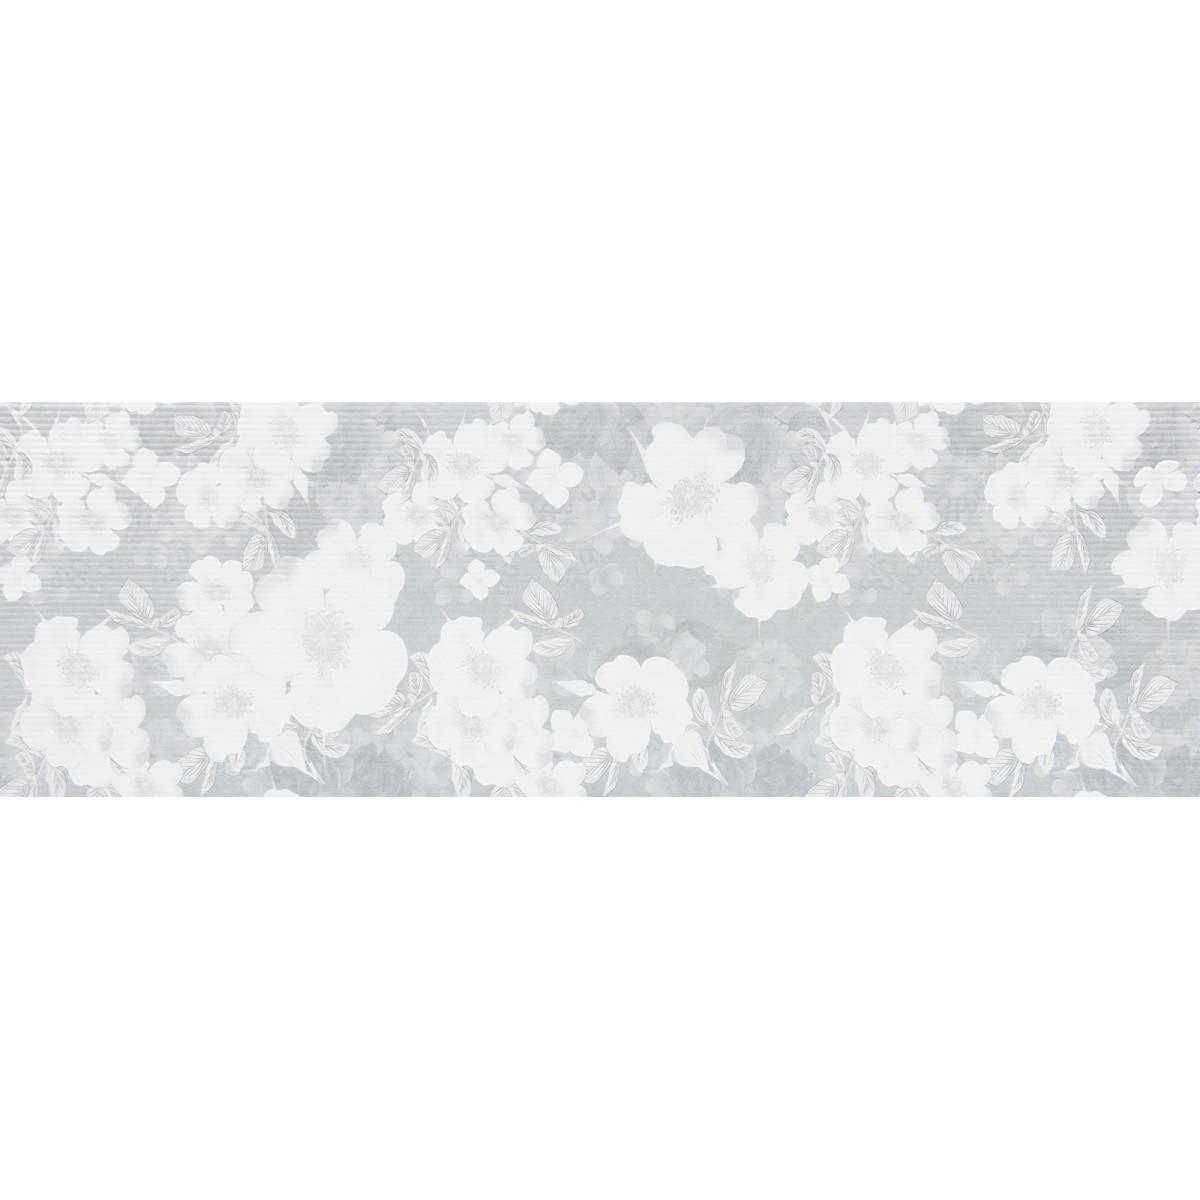 Плитка настенная Орлеан 7Д 75x25 см 1.69 м² цвет мультиколор